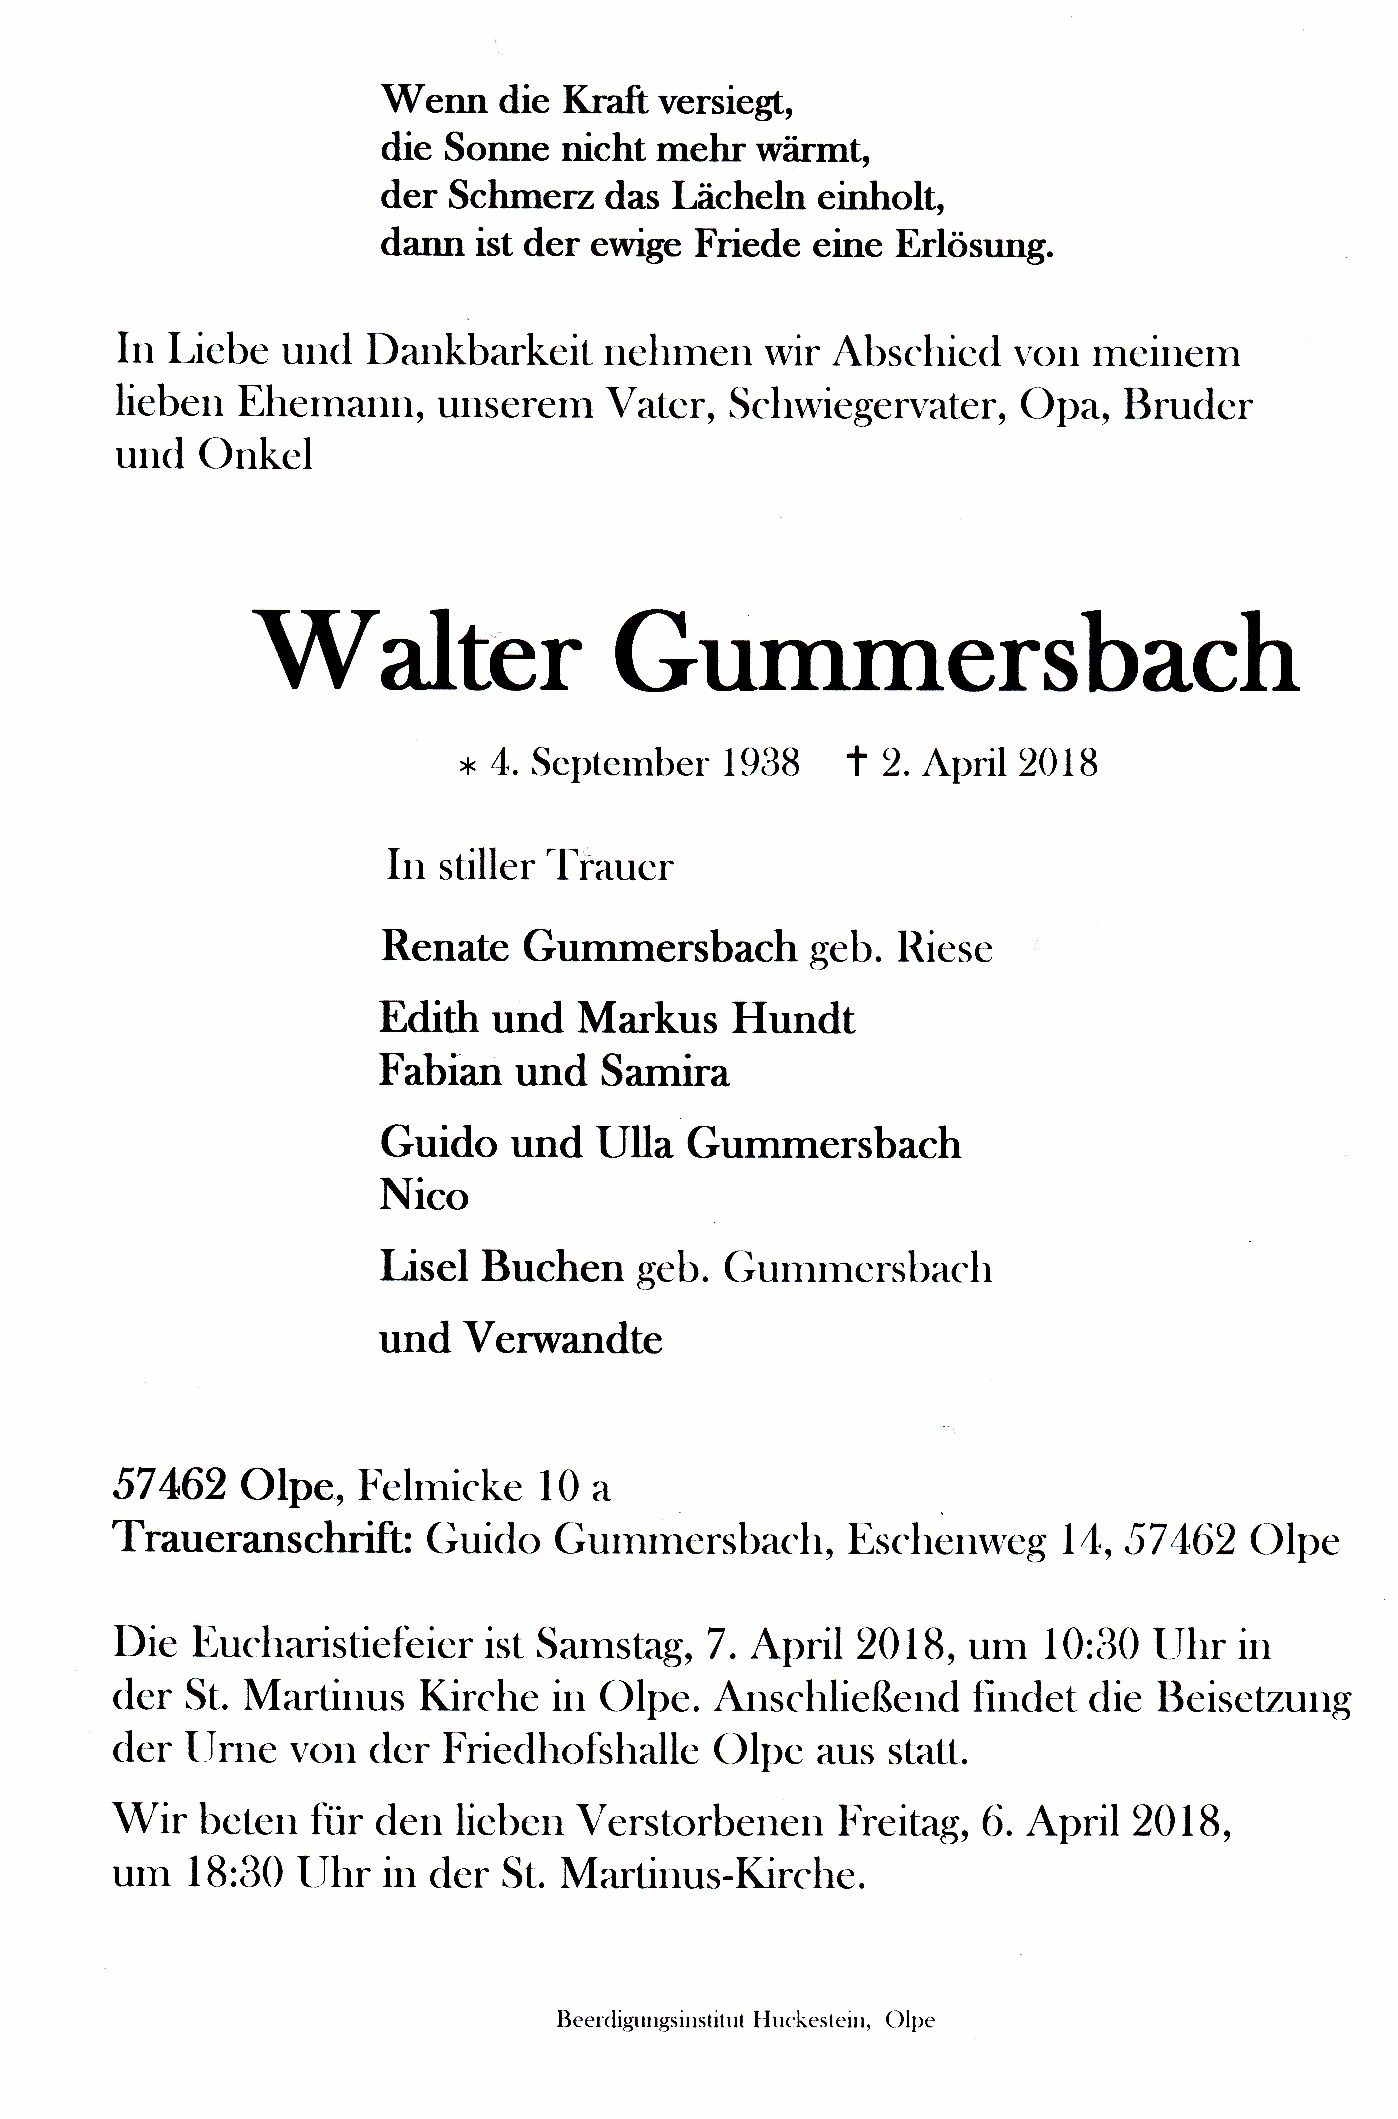 Todesanzeige Walter Gummersbach